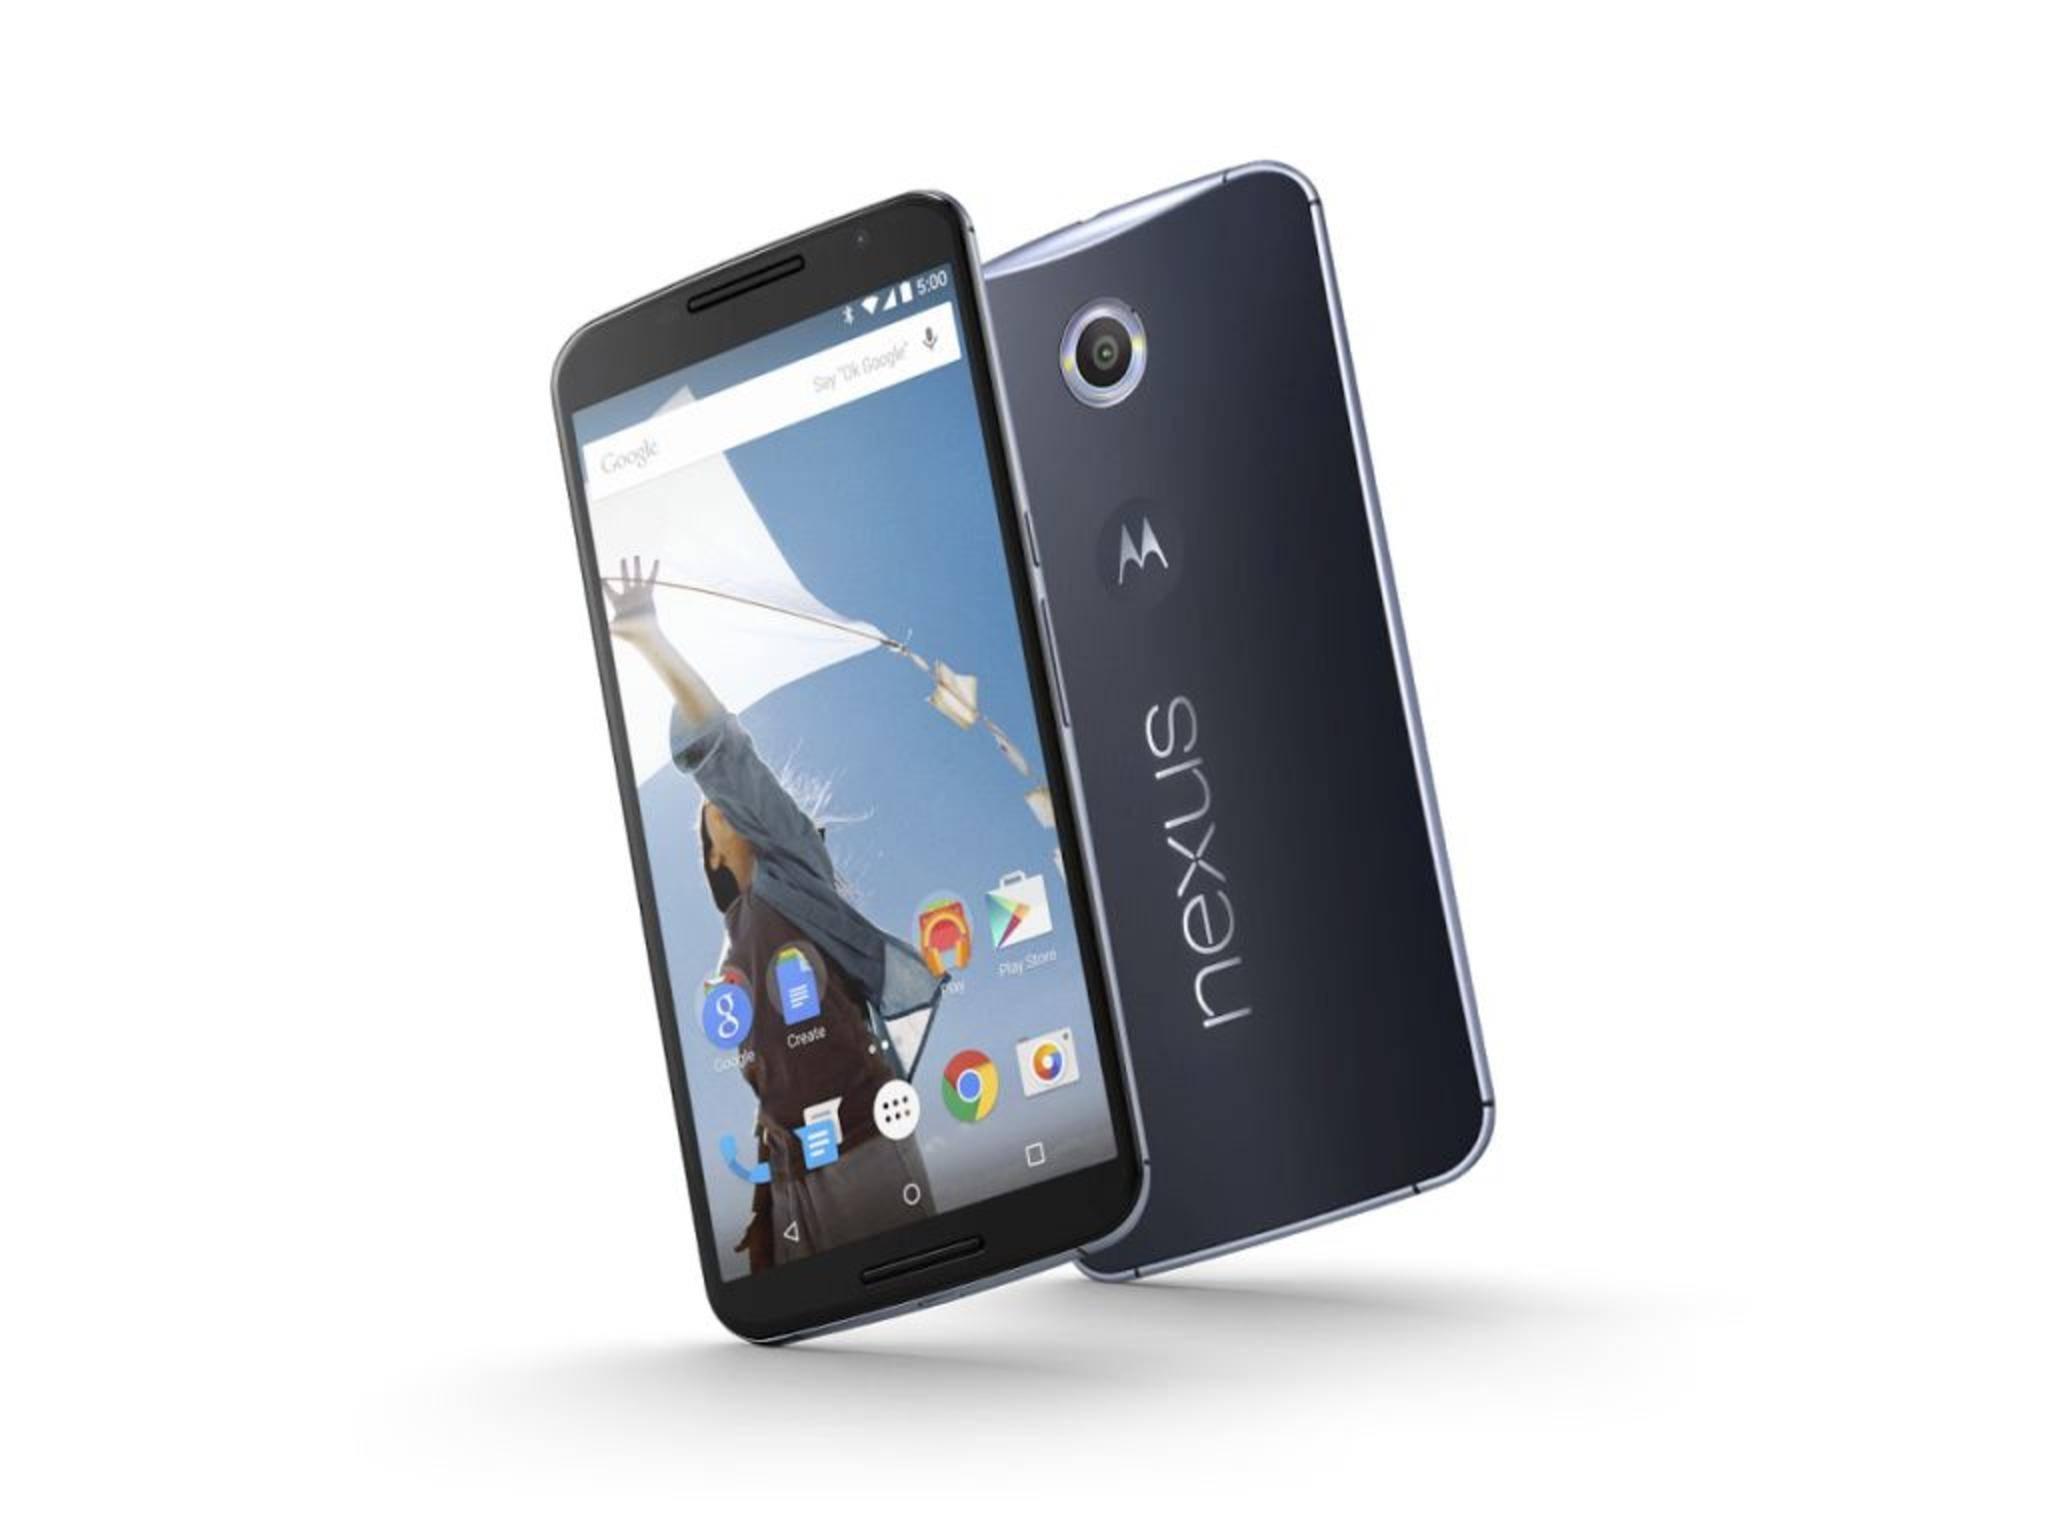 Wann kommt das Nexus 6 nach Deutschland? Der Handel ist sich nicht einig.